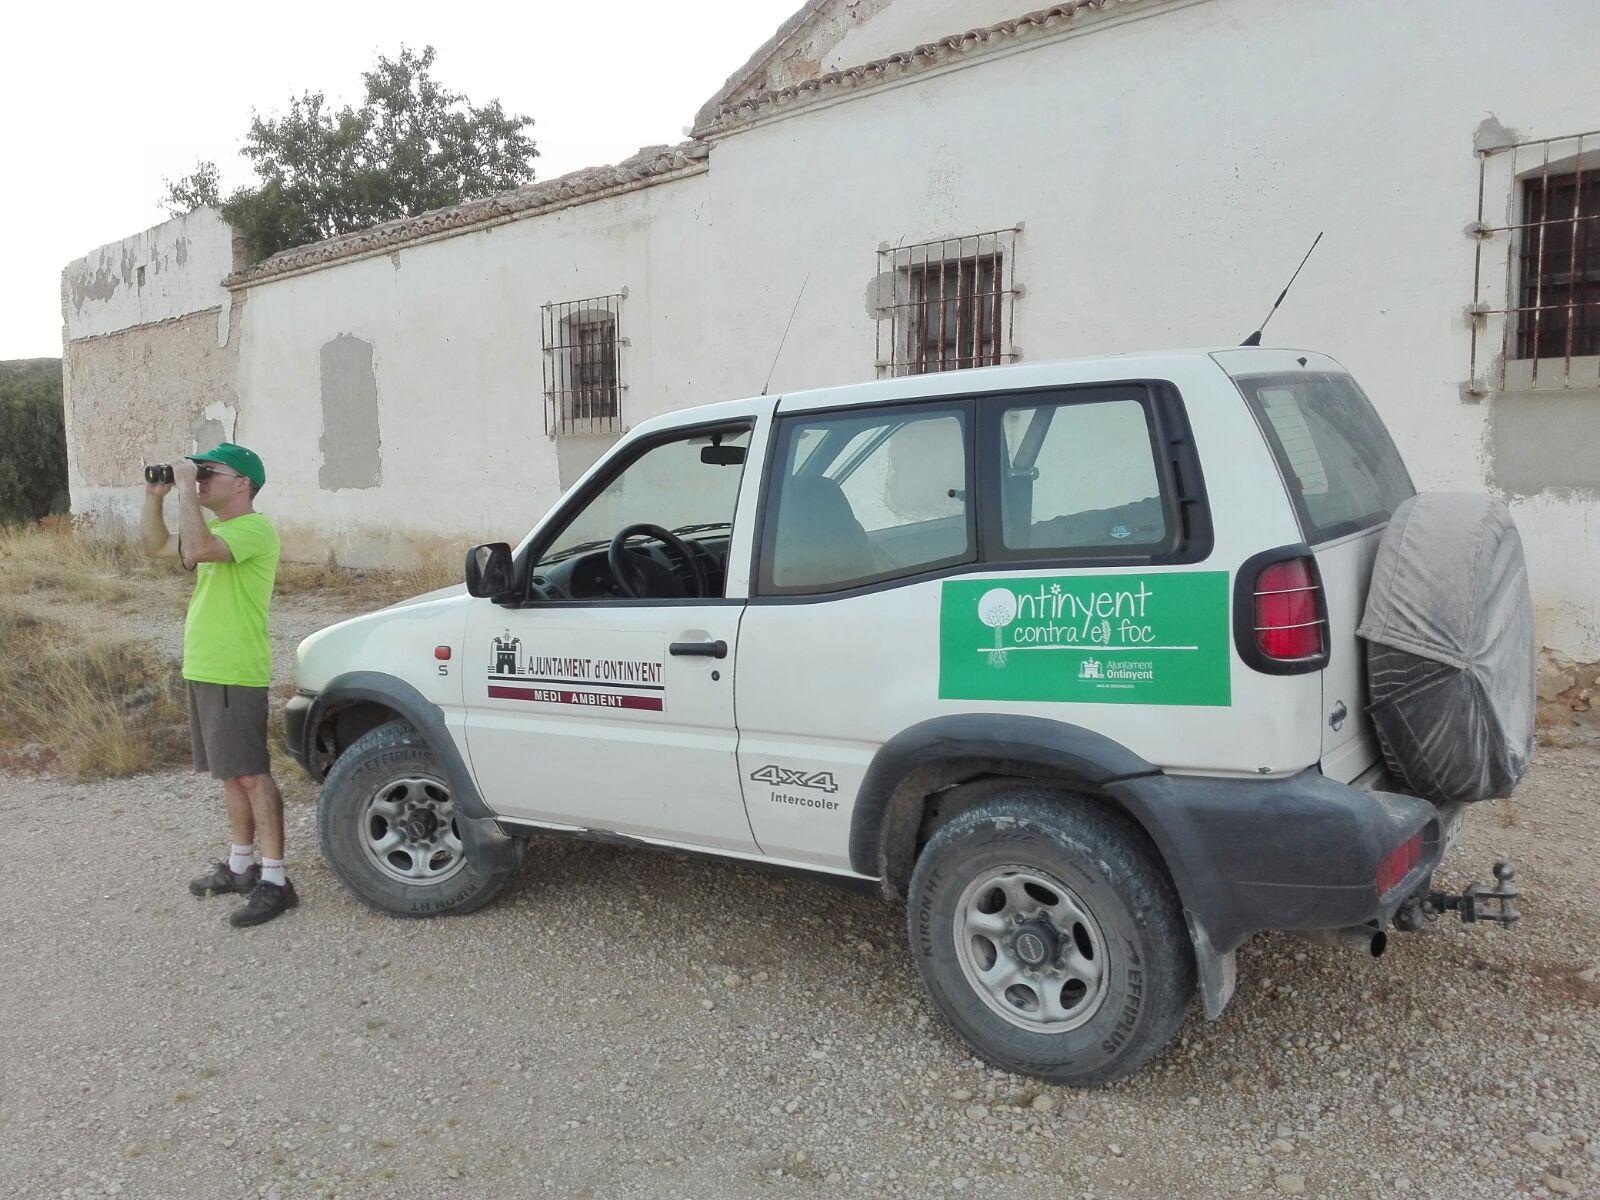 Les serres del terme busquen voluntaris per a lluitar contra el foc El Periòdic d'Ontinyent